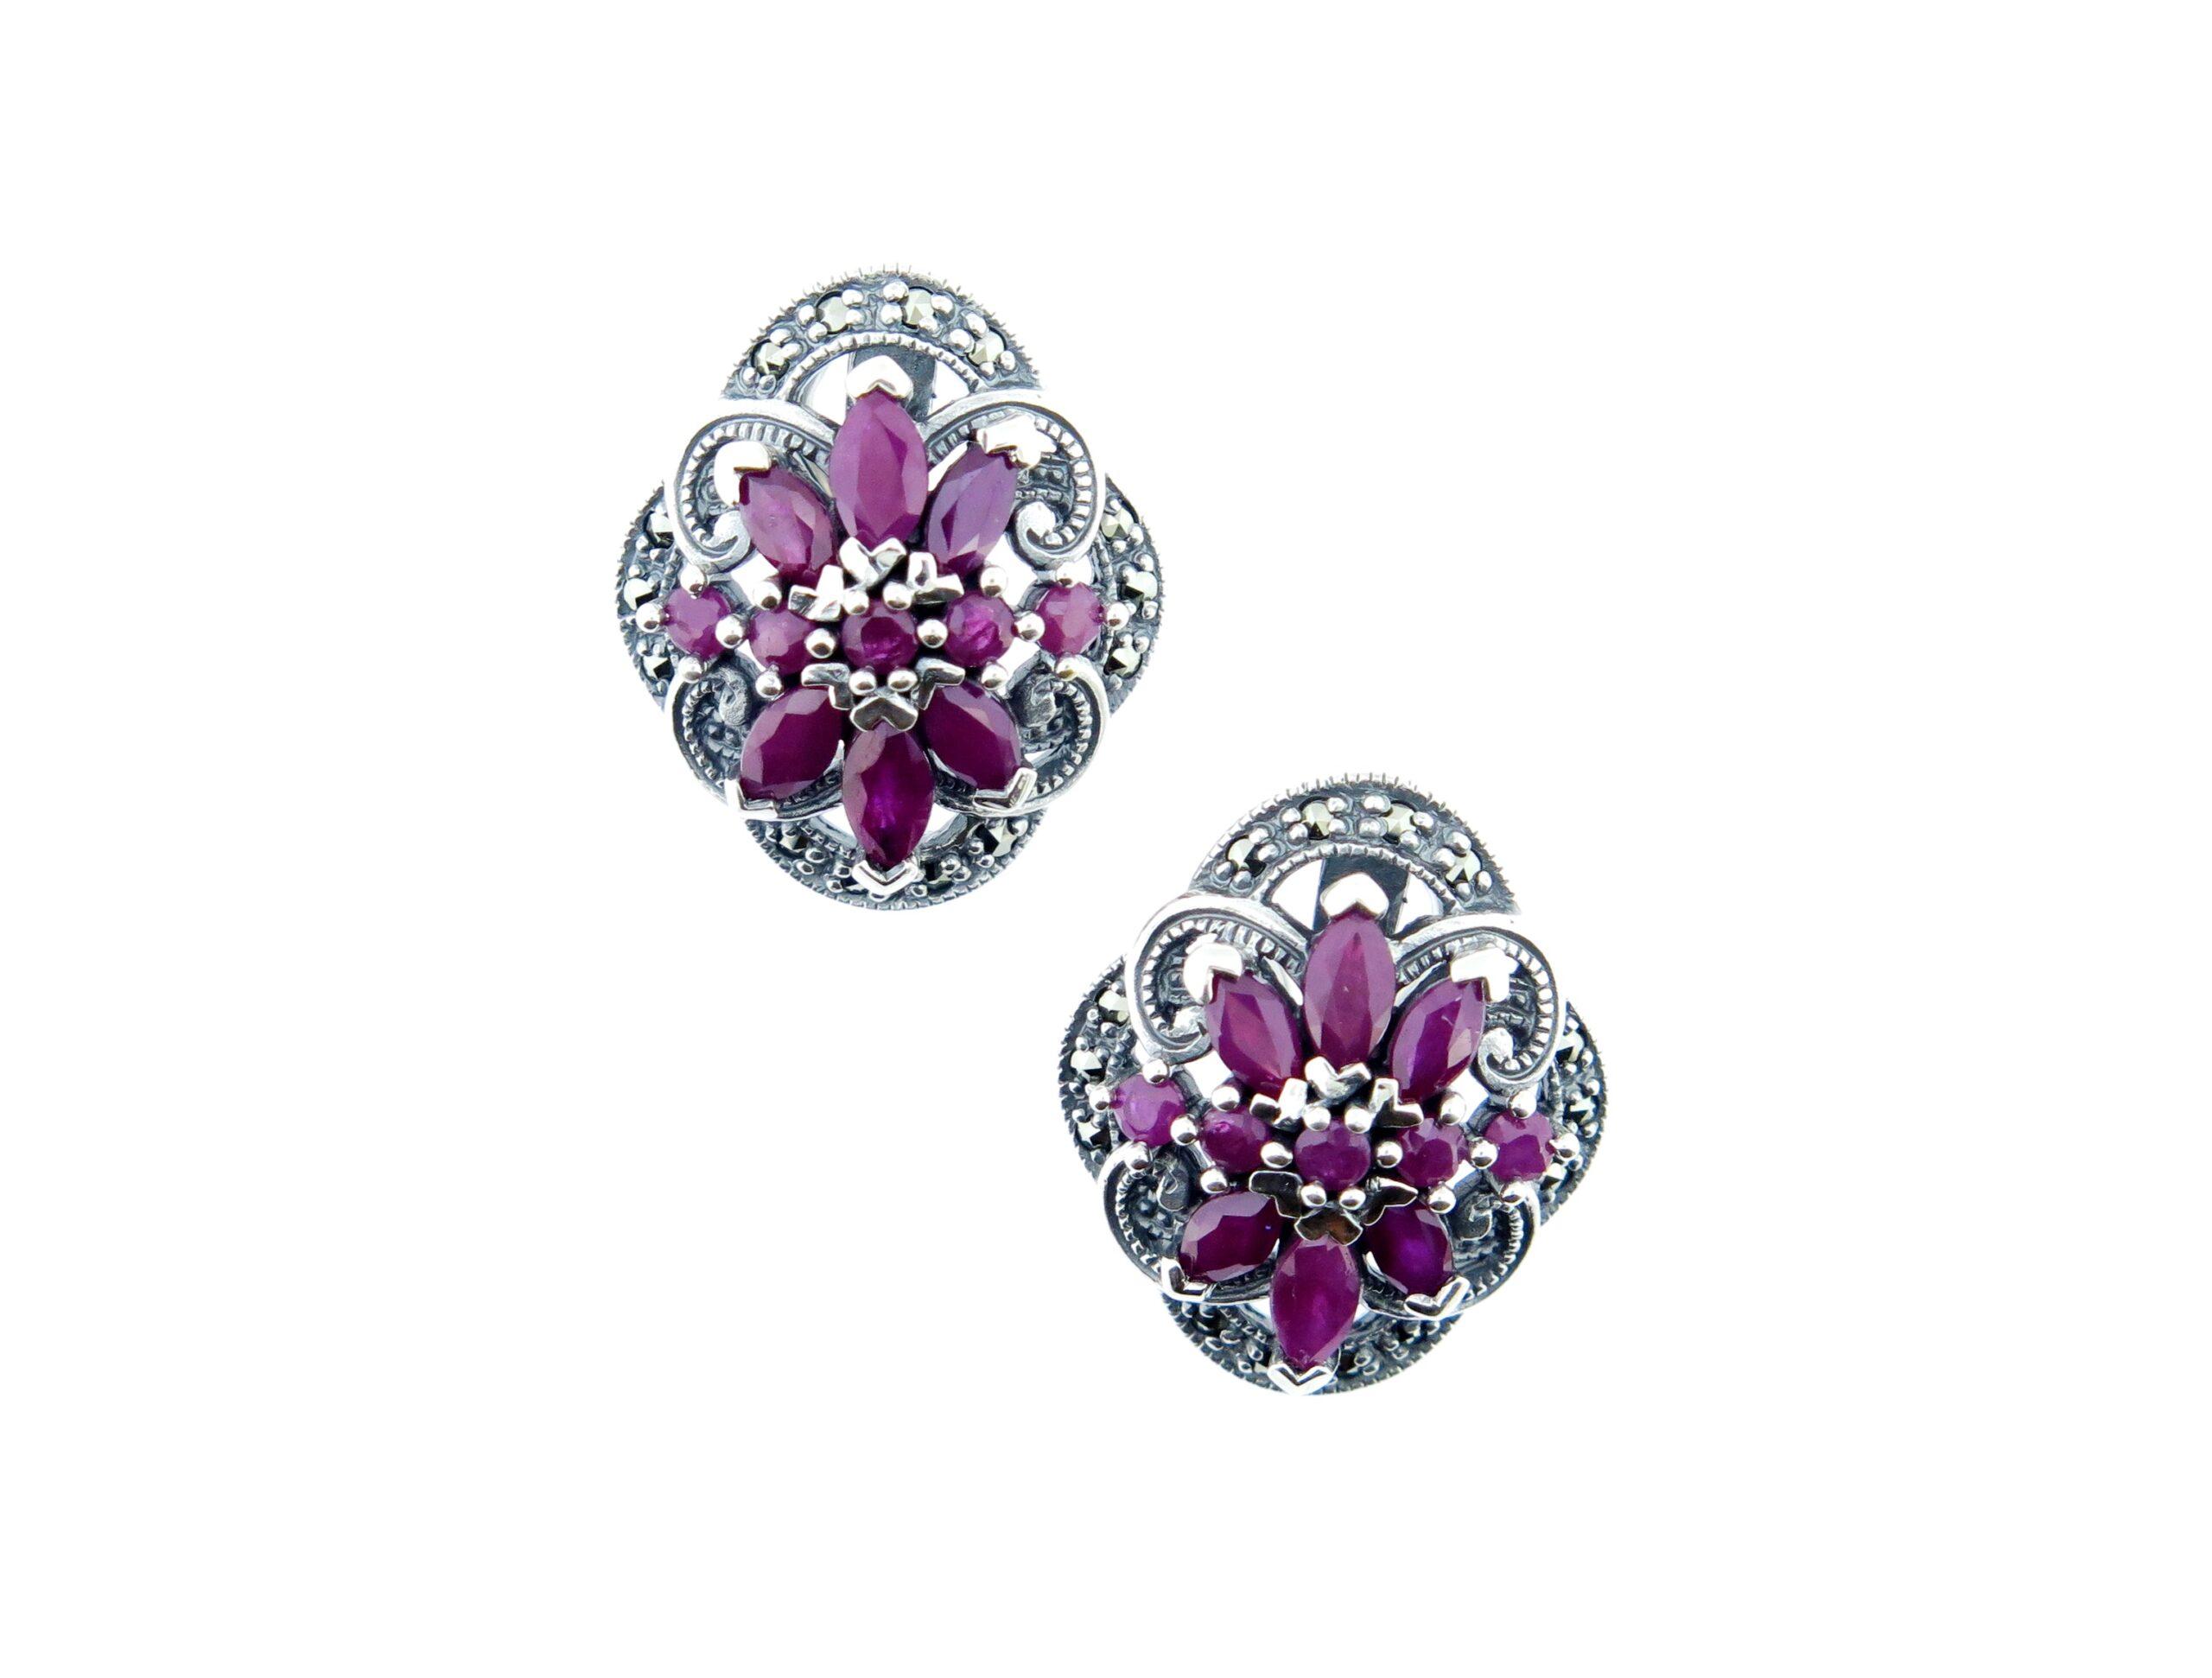 Ruby & Marcasite Earrings MJ19633